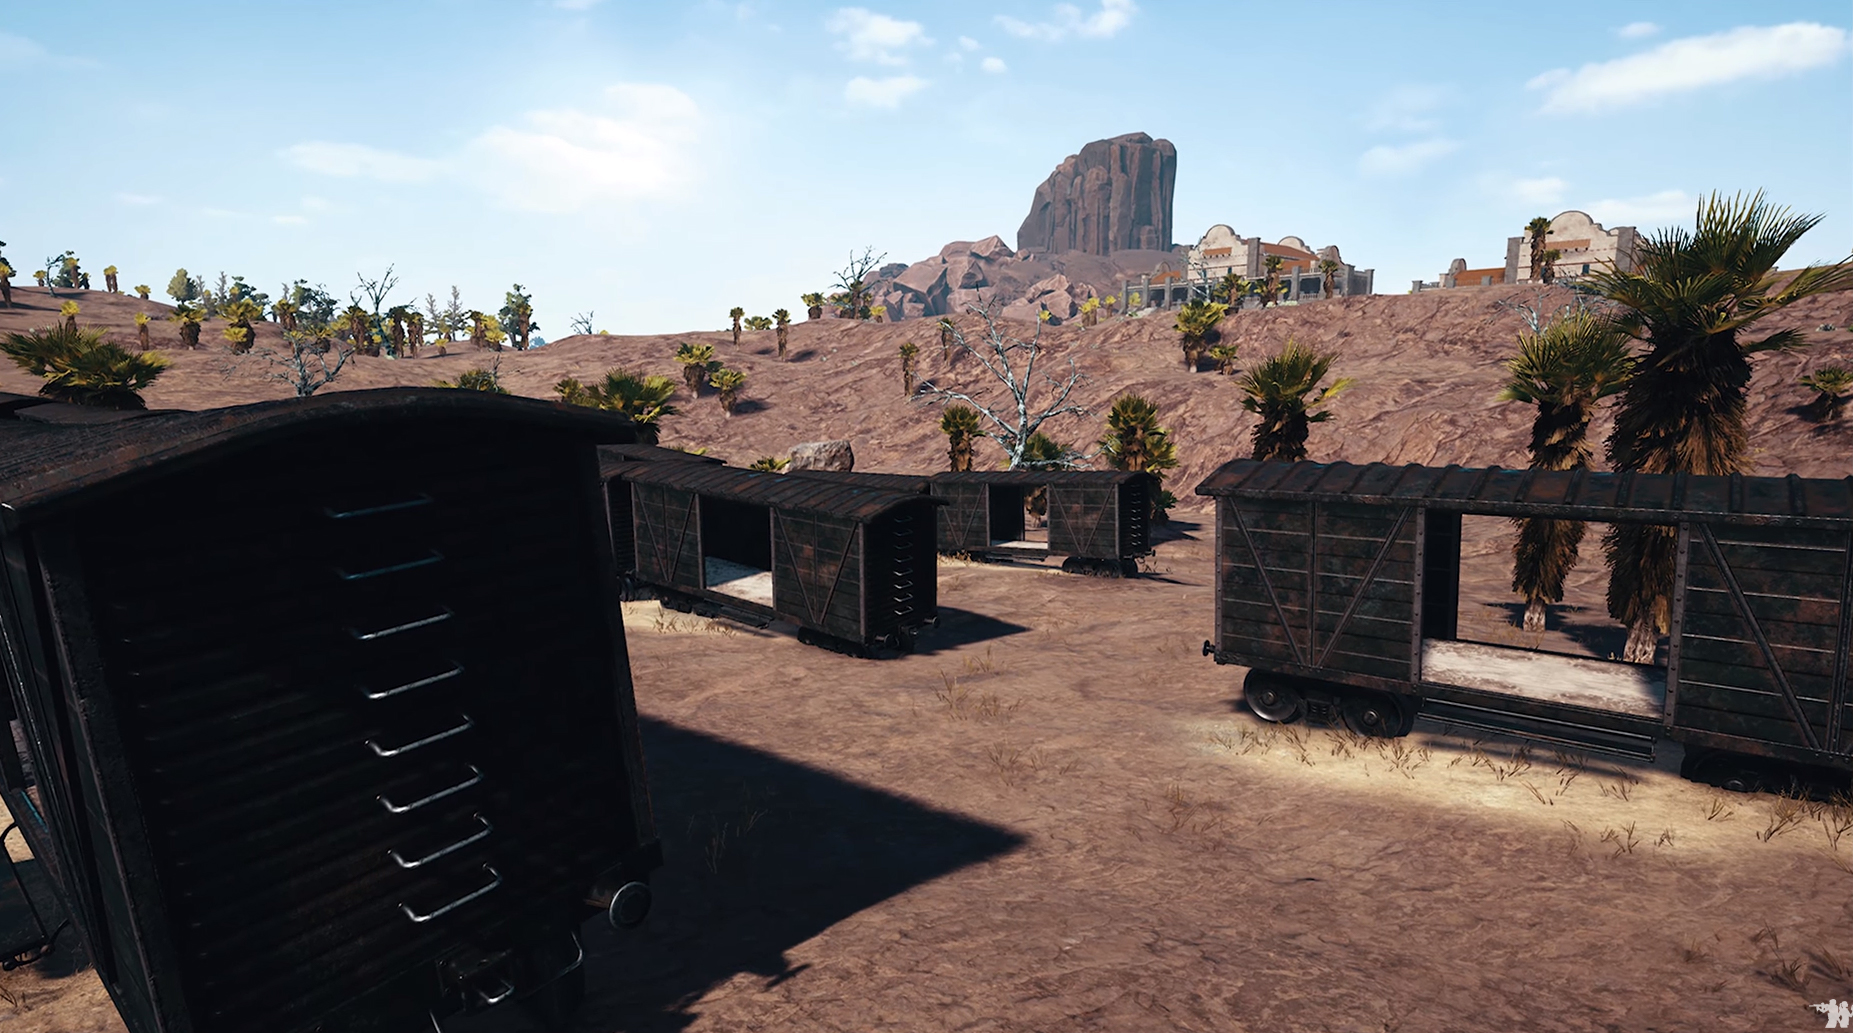 A vagonok jó búvóhelyként szolgálhatnak és a háttérben is érdekes épületek látszanak.<br />